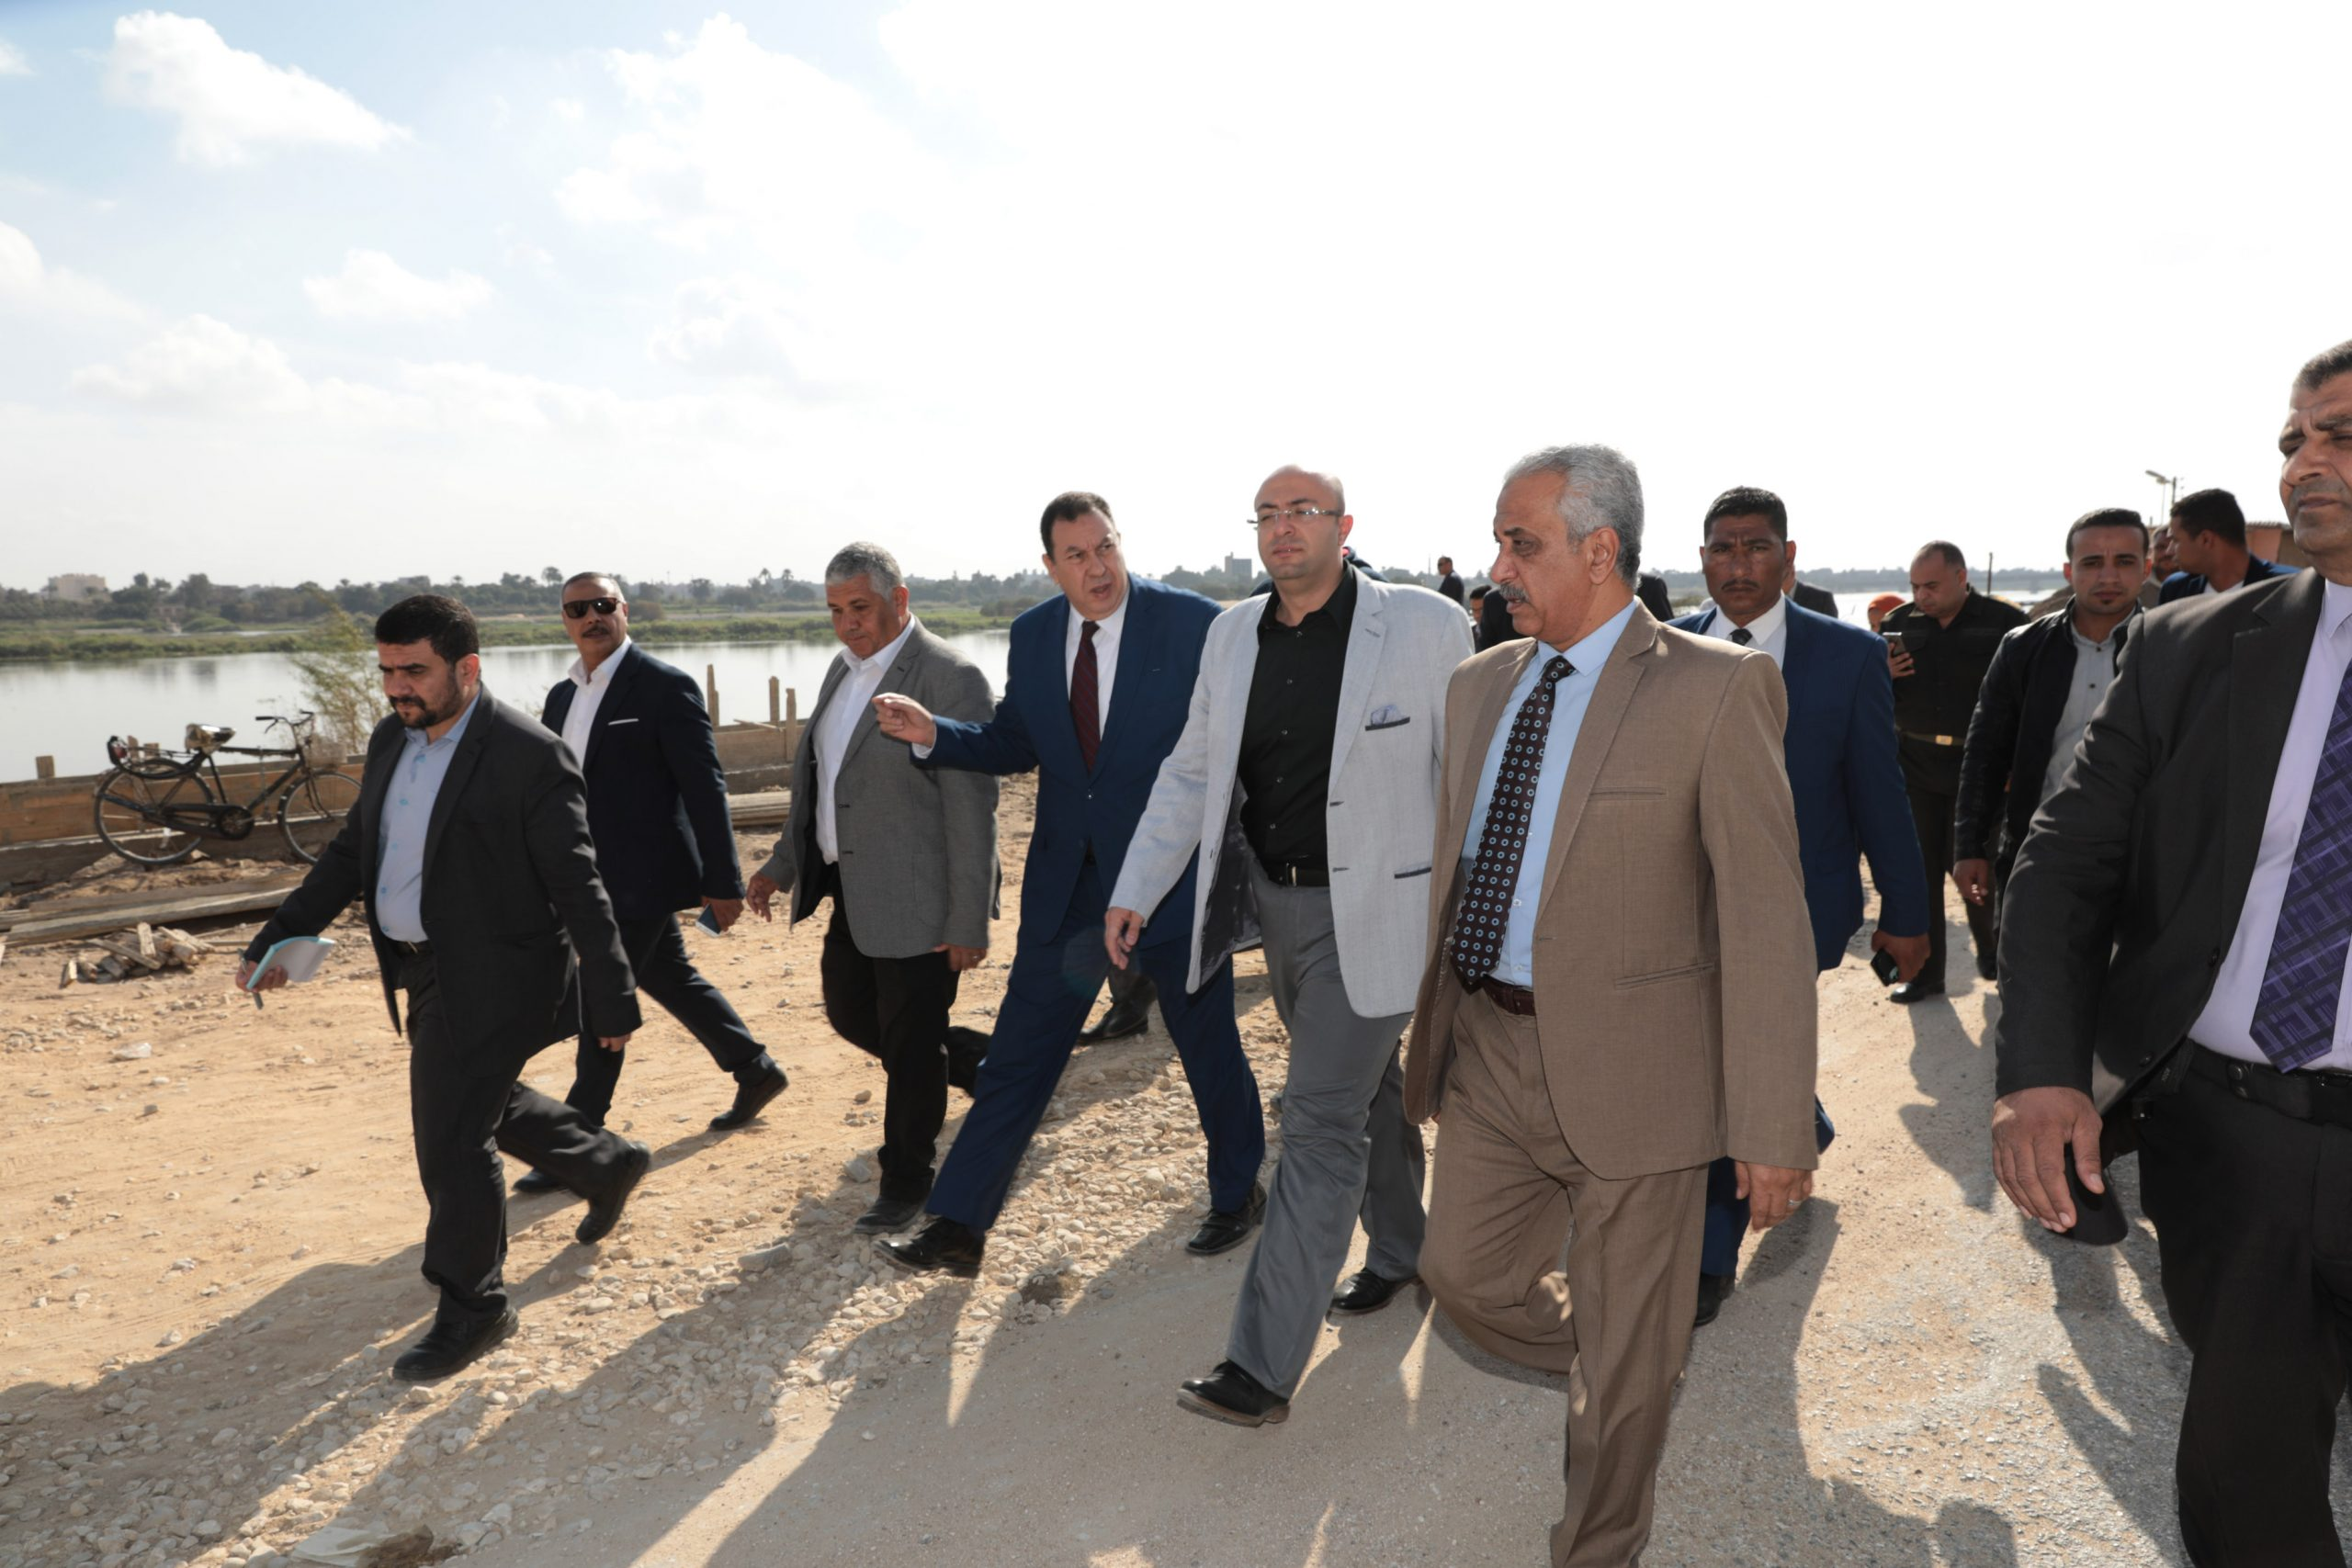 محافظ بني سويف تنفيذ المشروع الرئاسي ممشى أهل مصر بالمحافظة